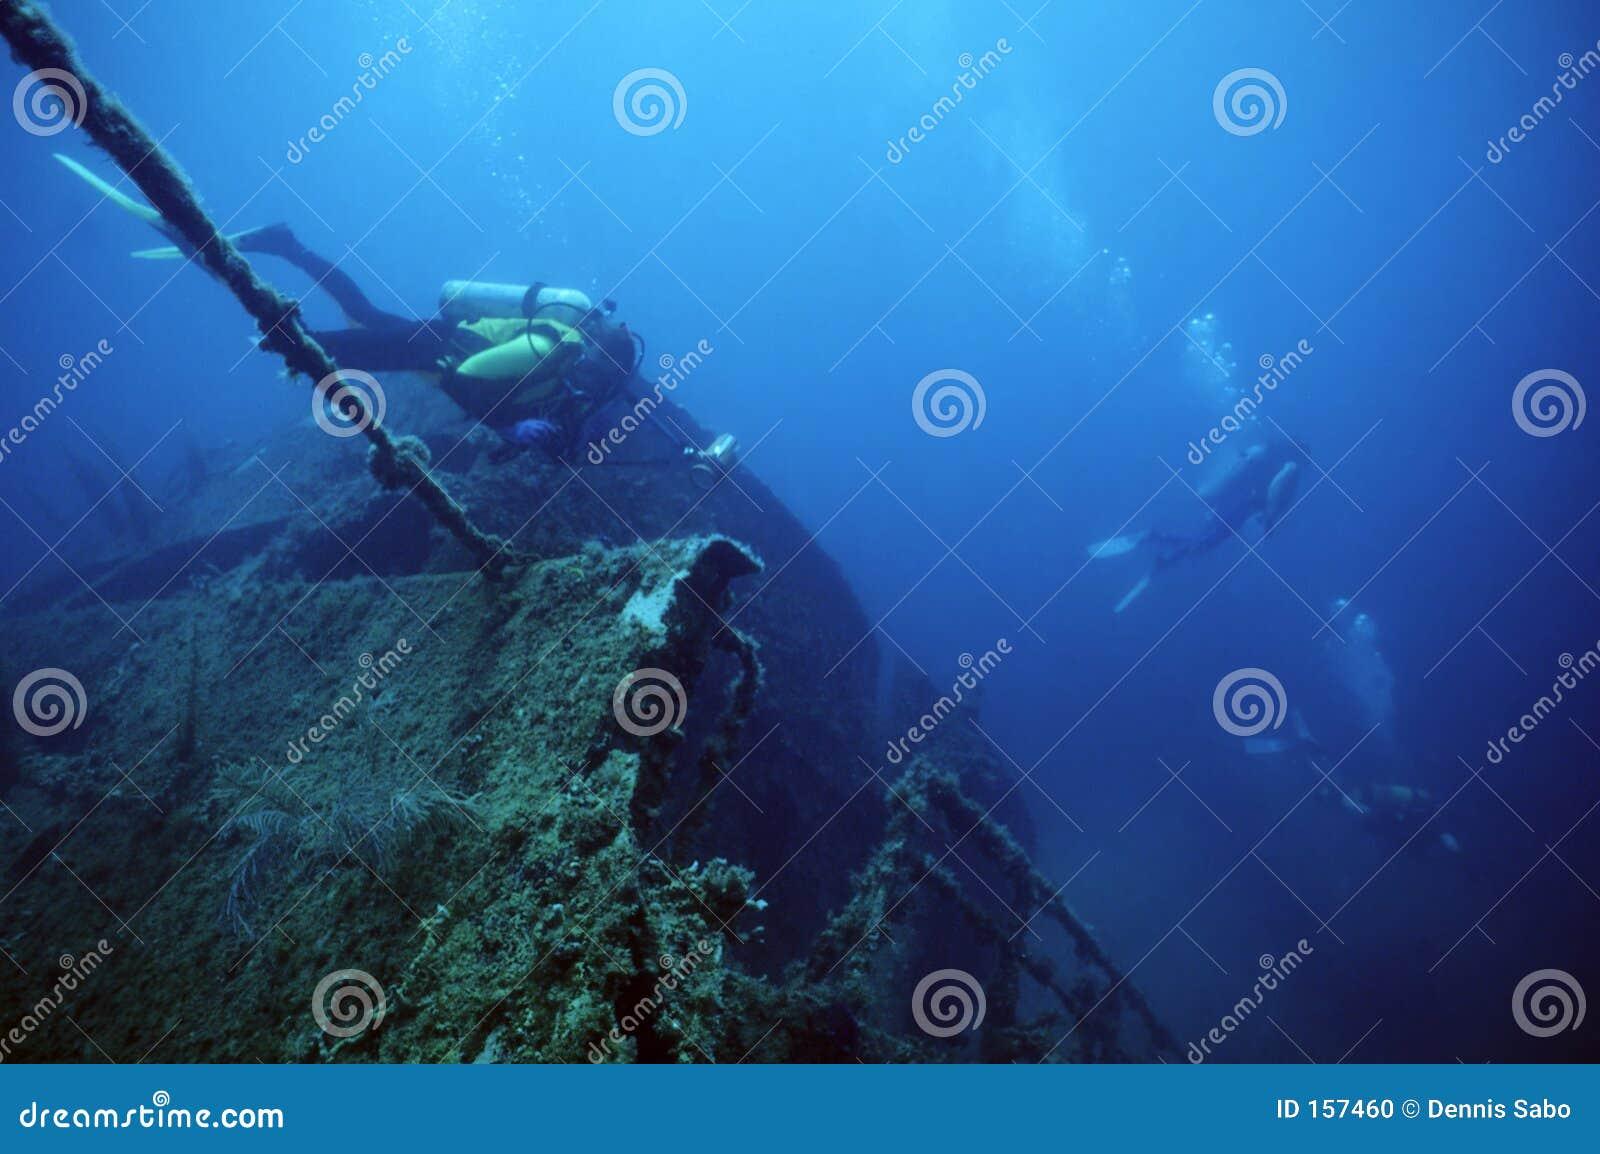 Shipwreck Series1